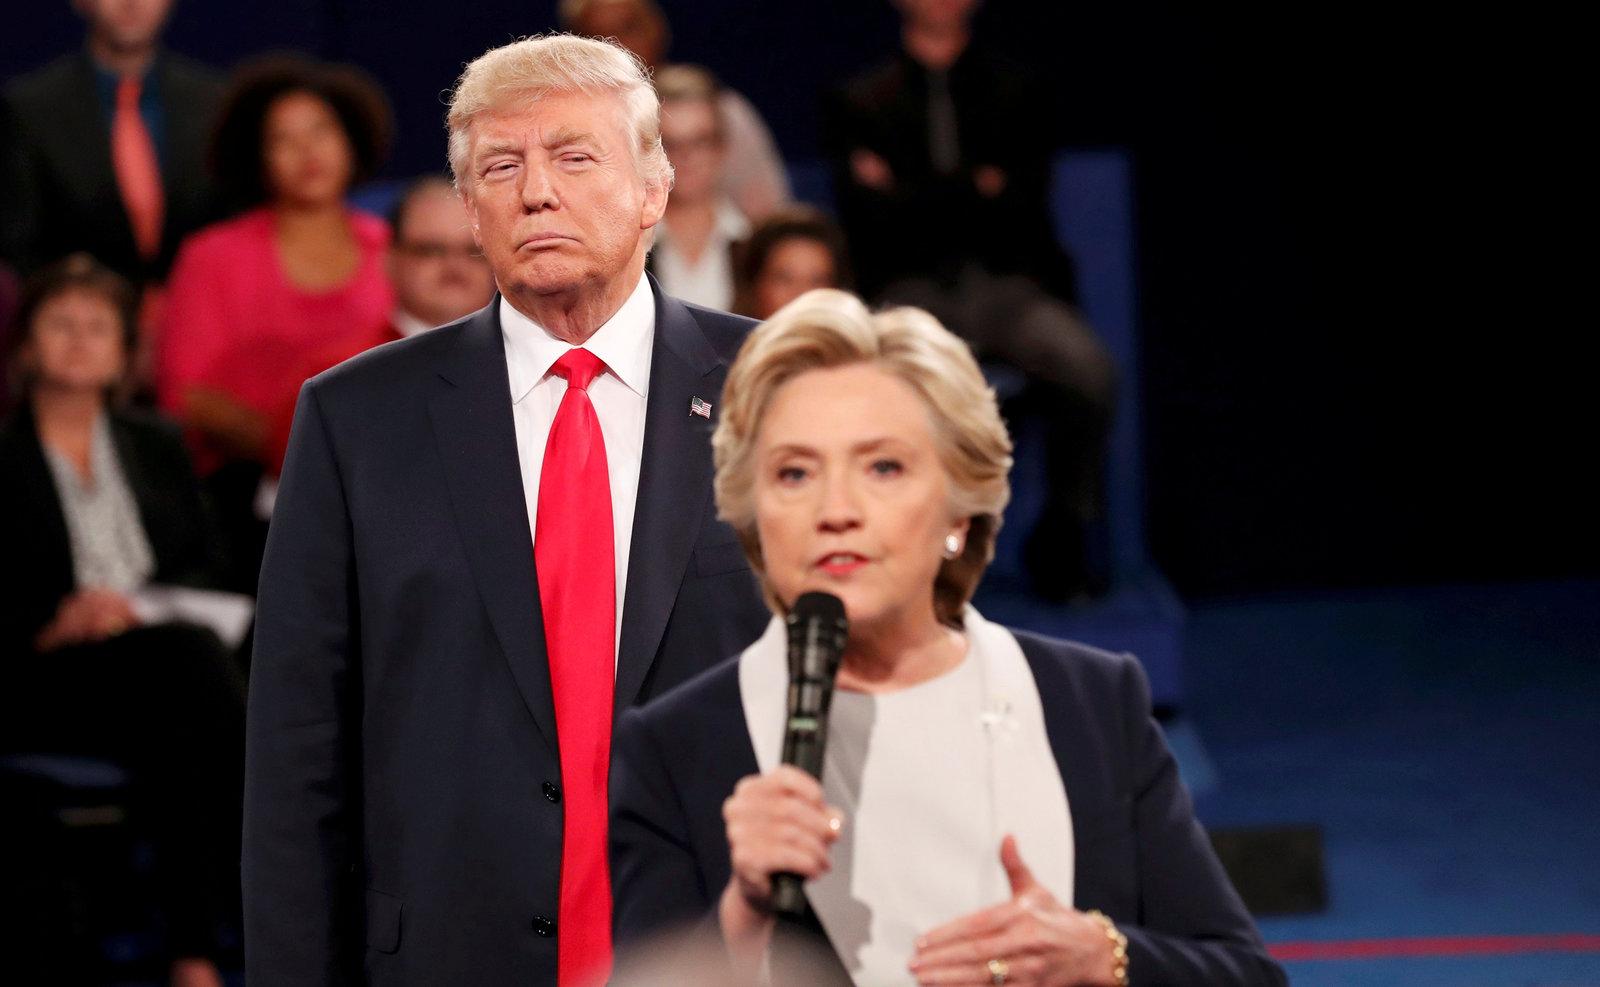 10 月 9 日,華盛頓大學舉行總統候選人第二場辯論,杜林普聆聽希拉莉回答台下發問。